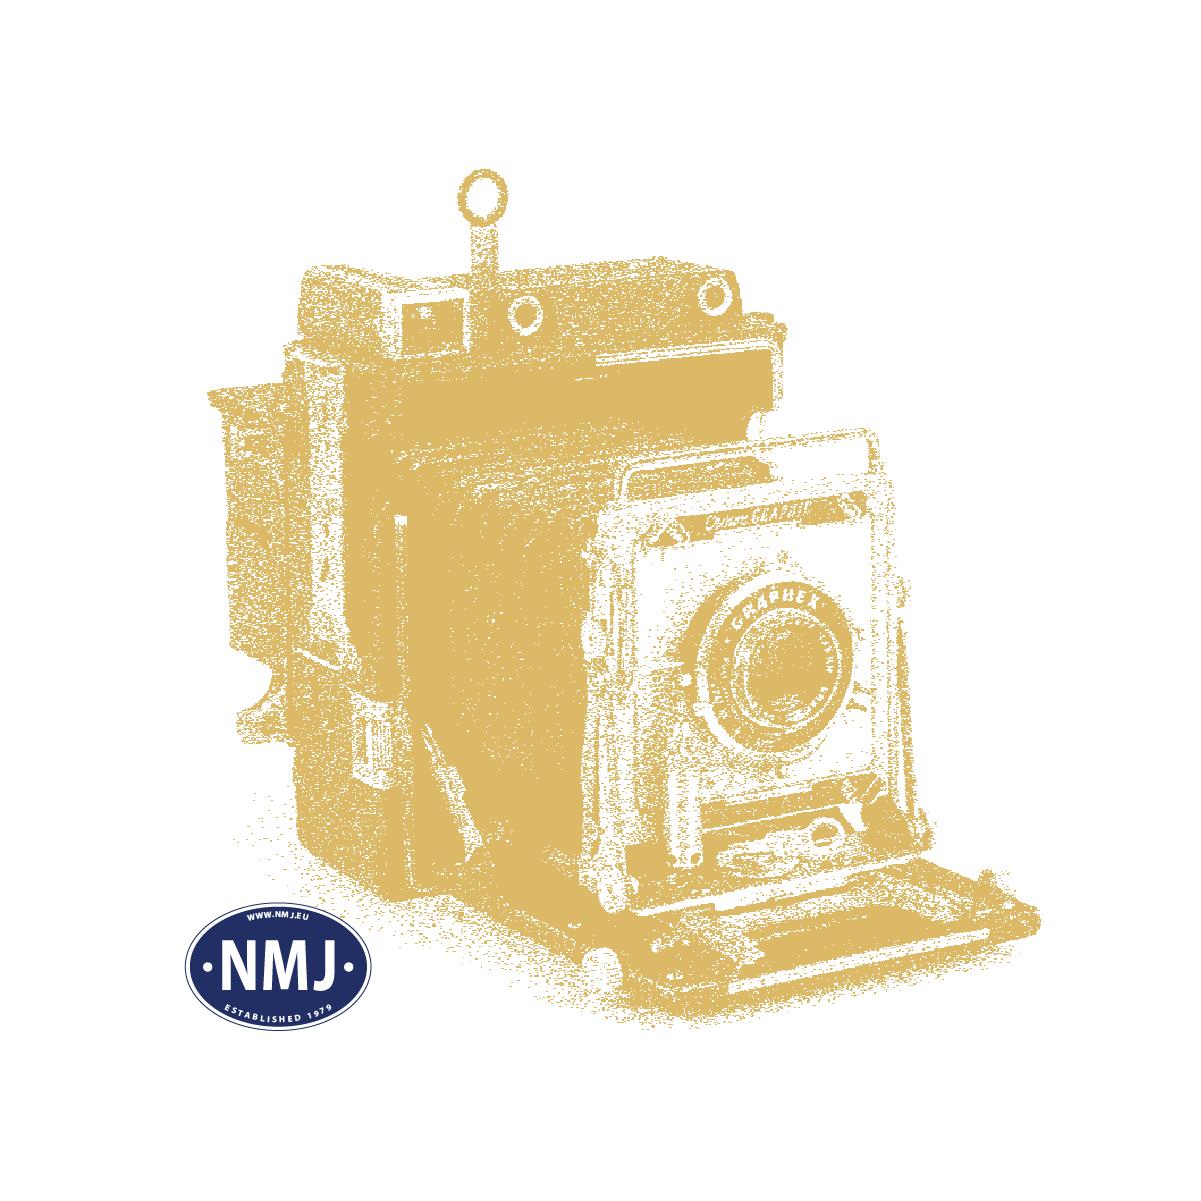 NMJT90301 - NMJ Topline CFL 1602, fra 1971, DC